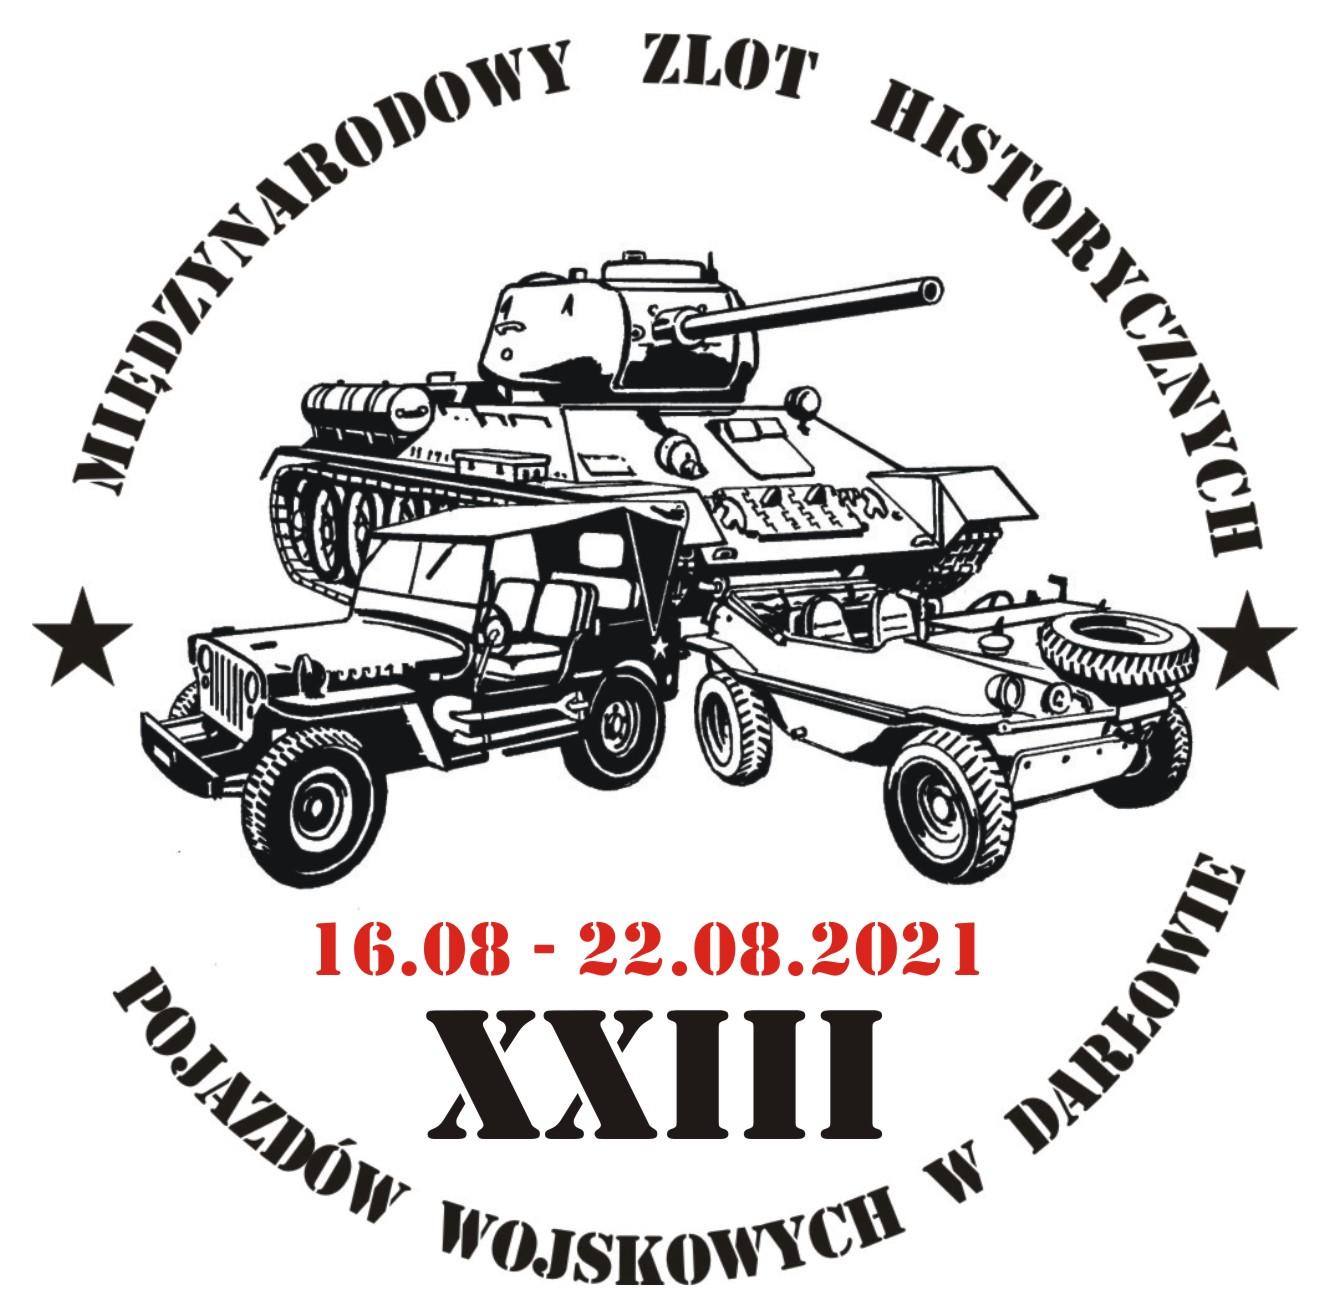 Międzynarodowy Zlot Historycznych Pojazdów Wojskowych w Darłowie